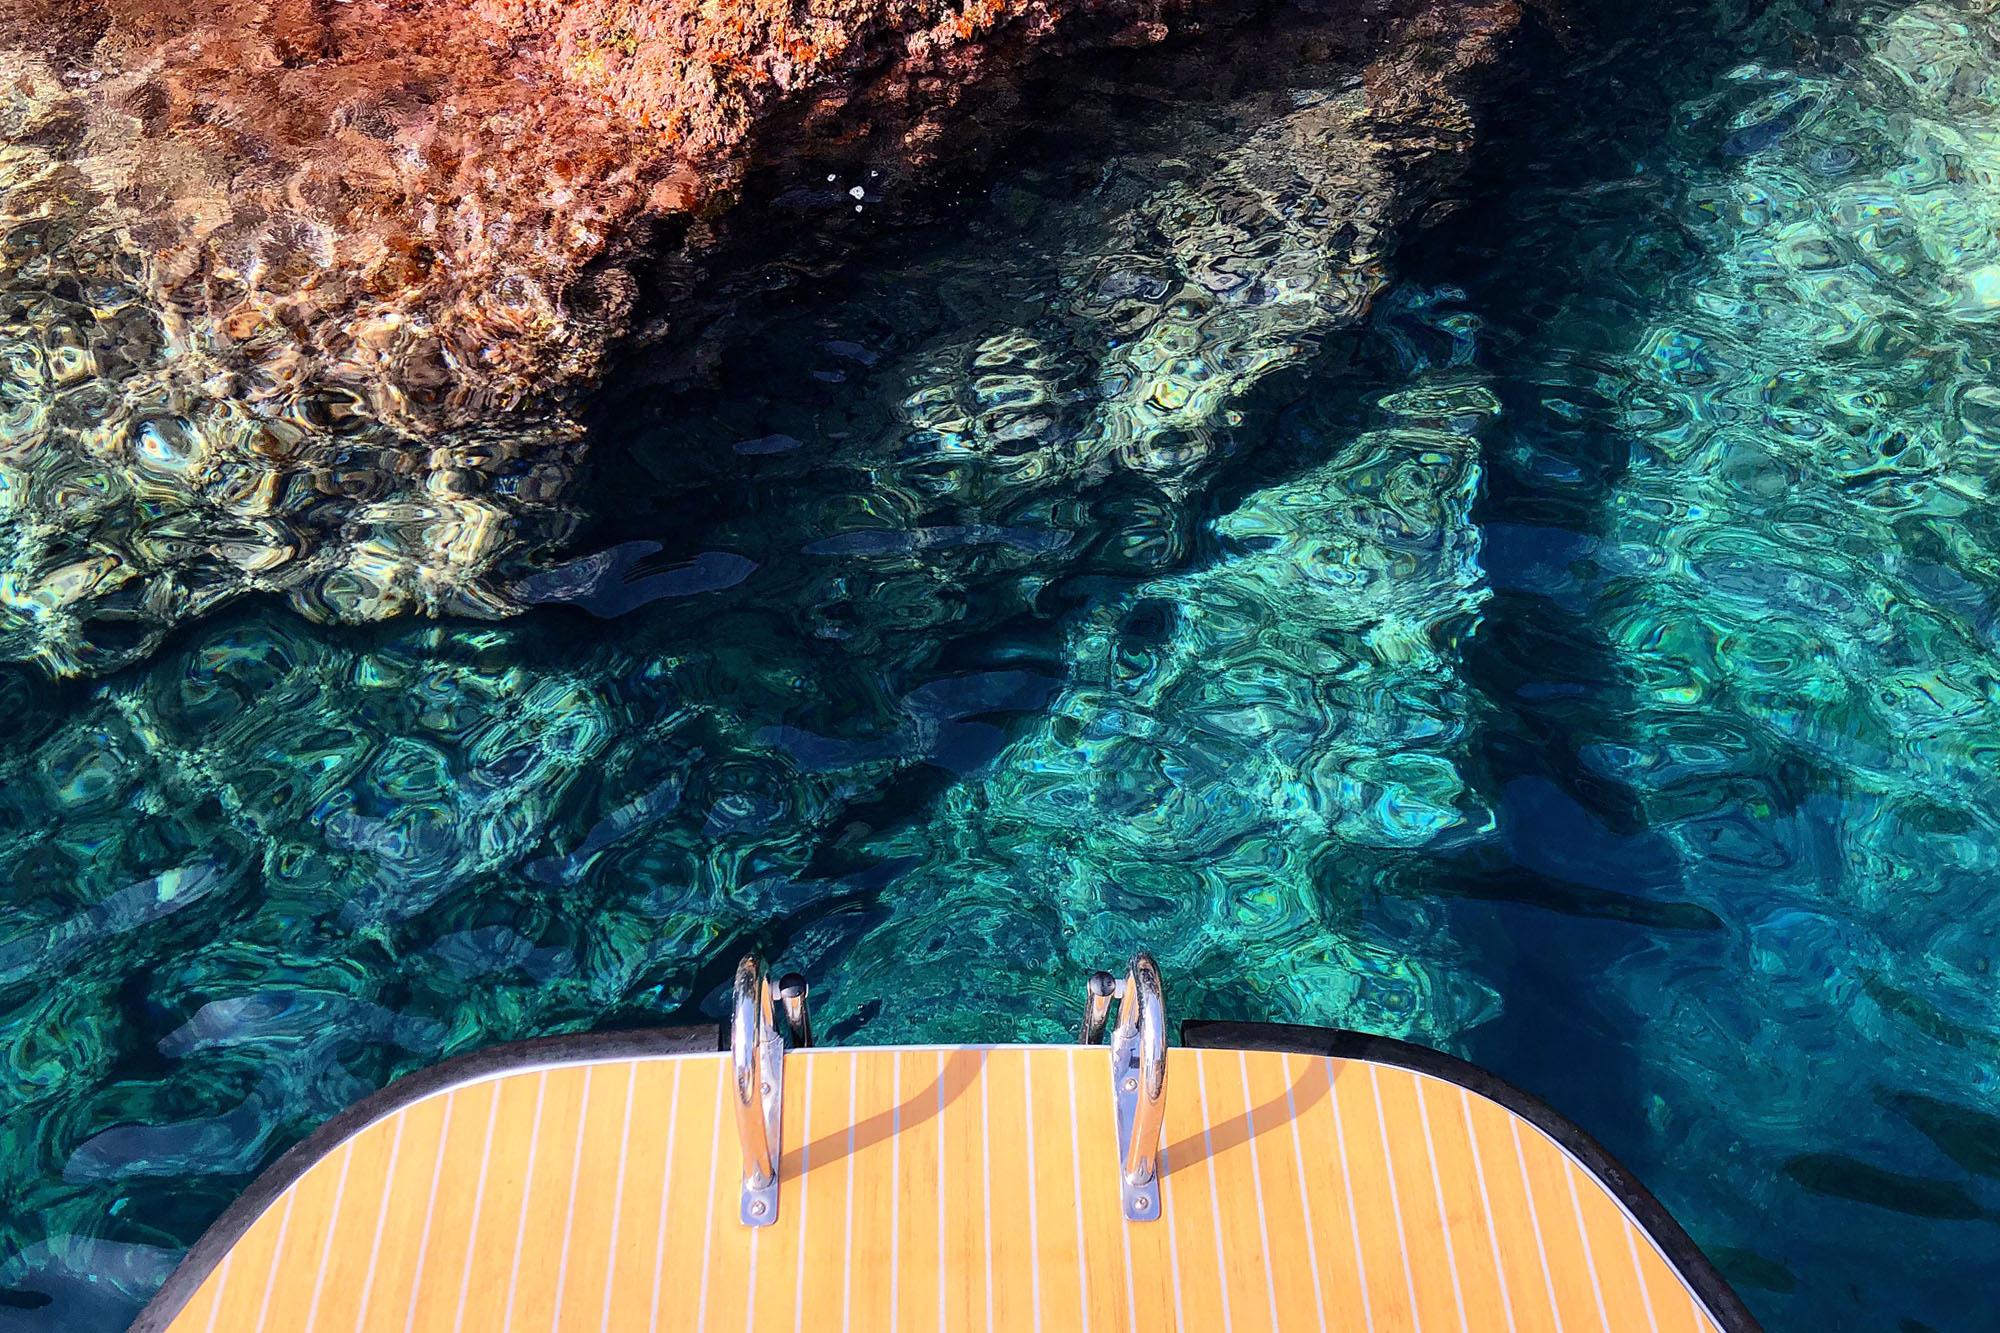 Cesare Charter Portofino - Tour Due Golfi - Golfo del Tigullio e Paradiso